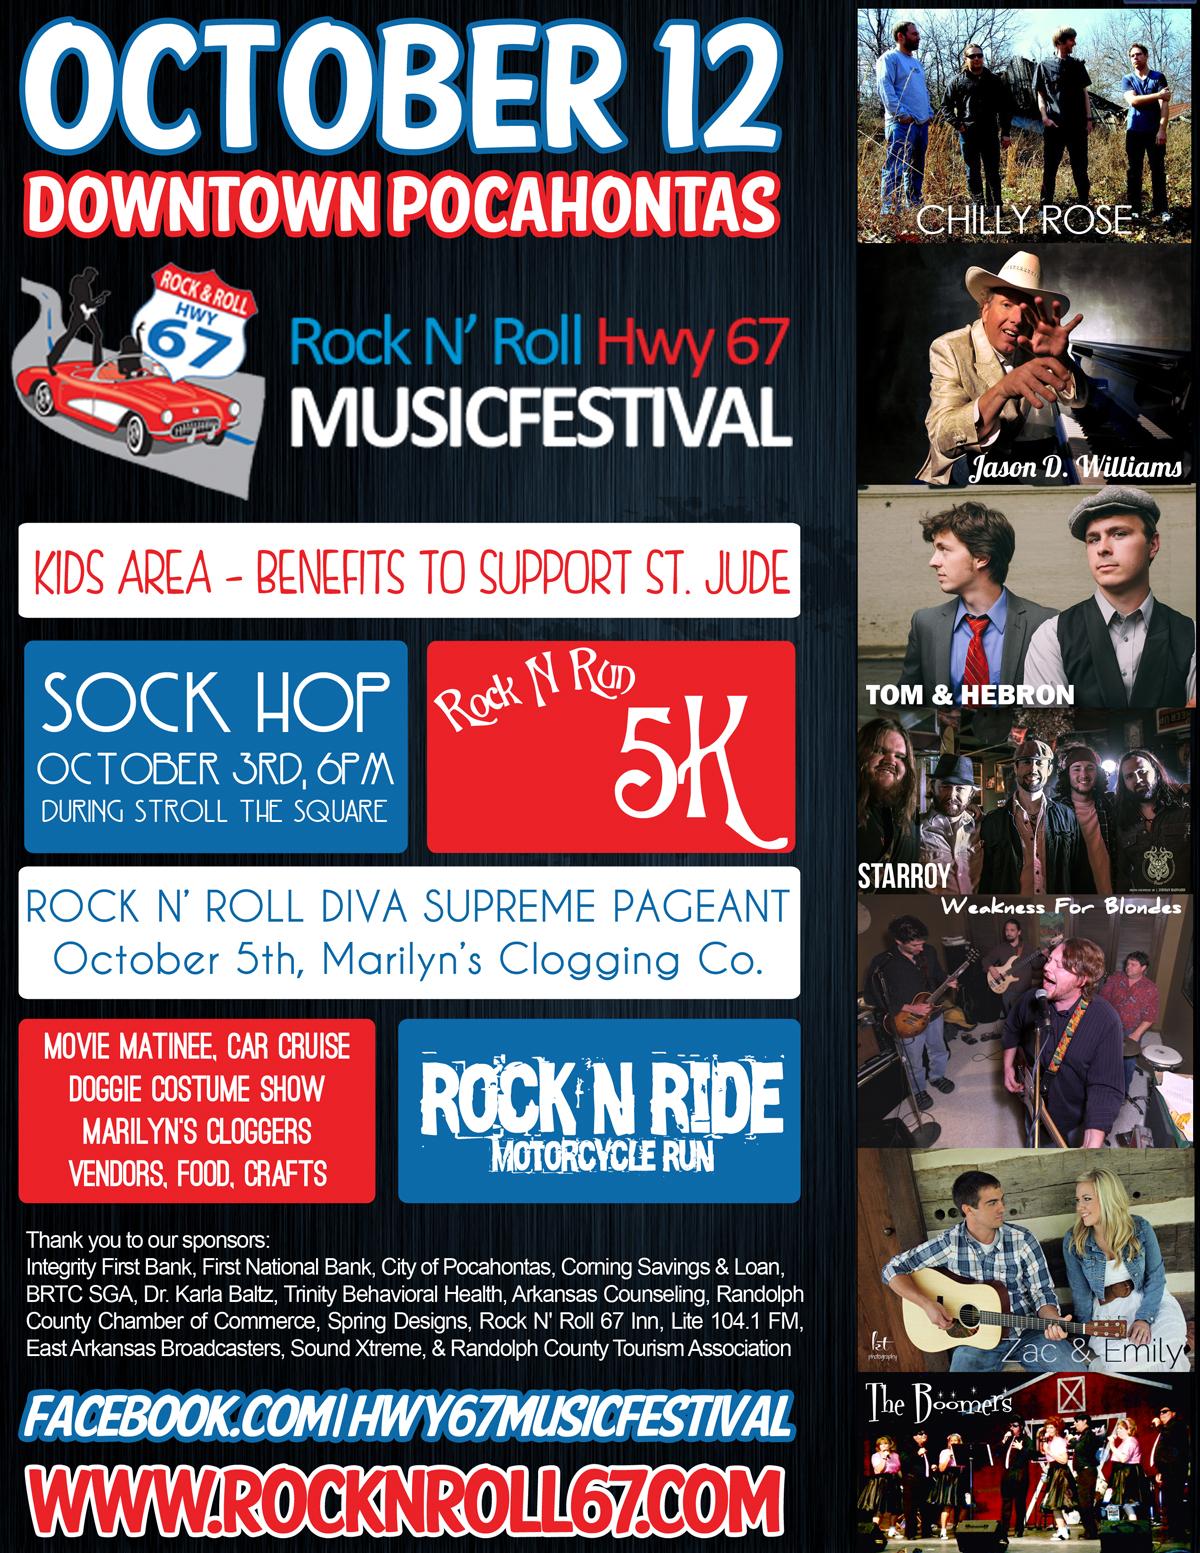 Rock N' Roll Festival